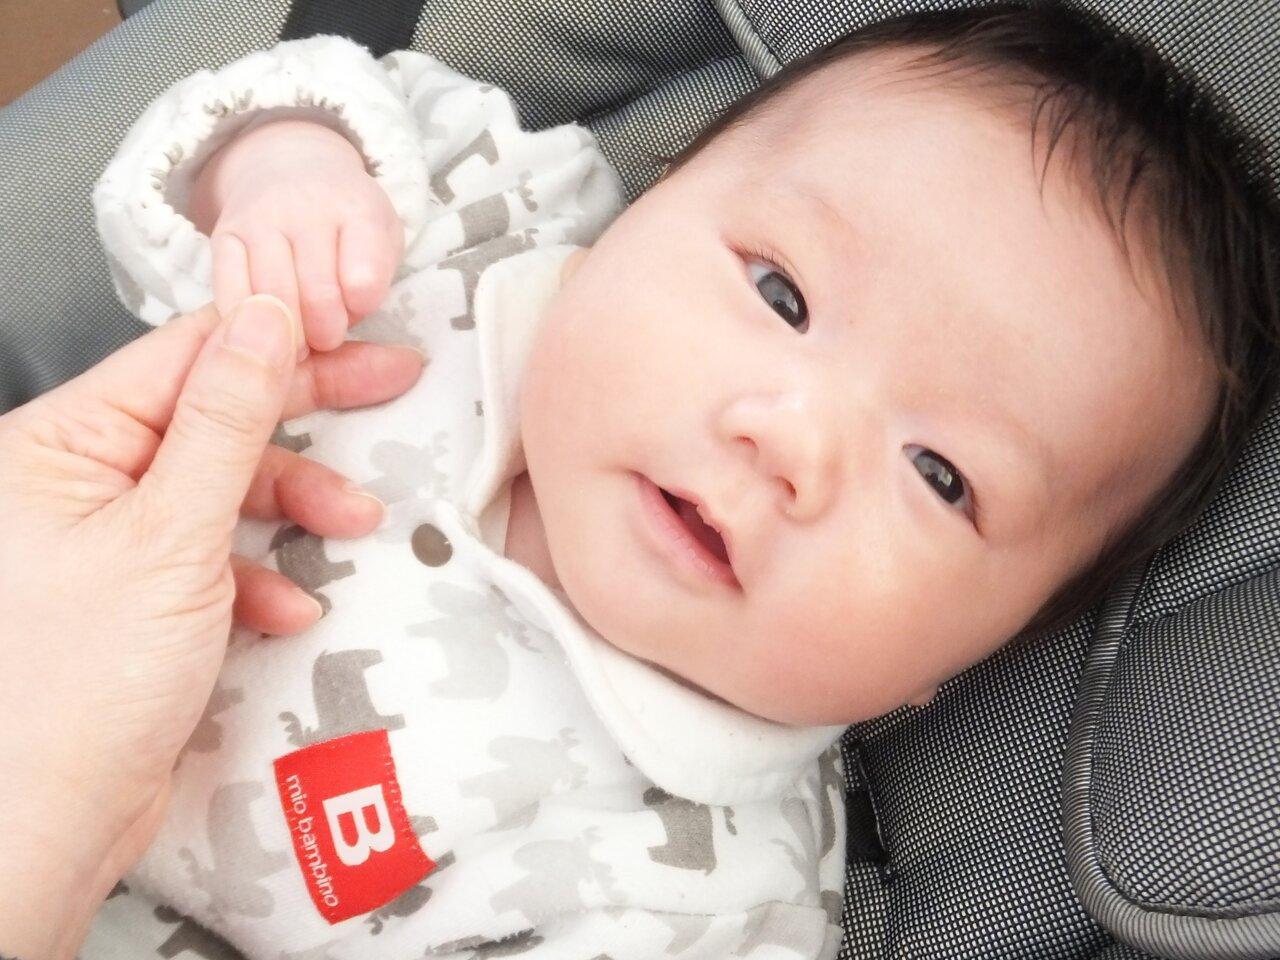 「赤ちゃんには何をしてあげればいいでしょうか?」子育て相談 モンテッソーリで考えよう!